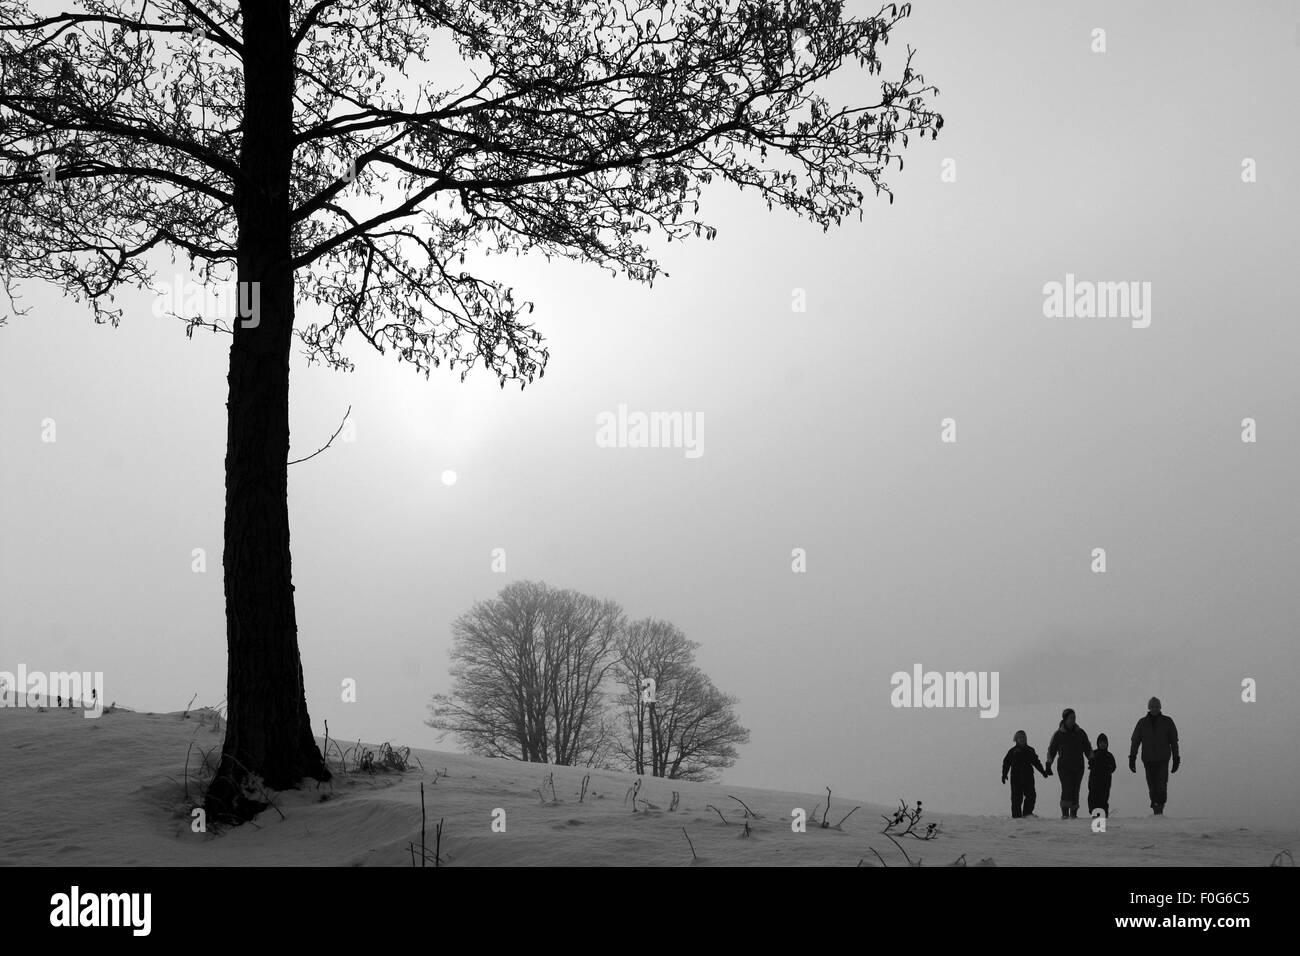 Dans le soleil du matin en hiver au Danemark, un champ avec des arbres du brouillard et de la neige Photo Stock